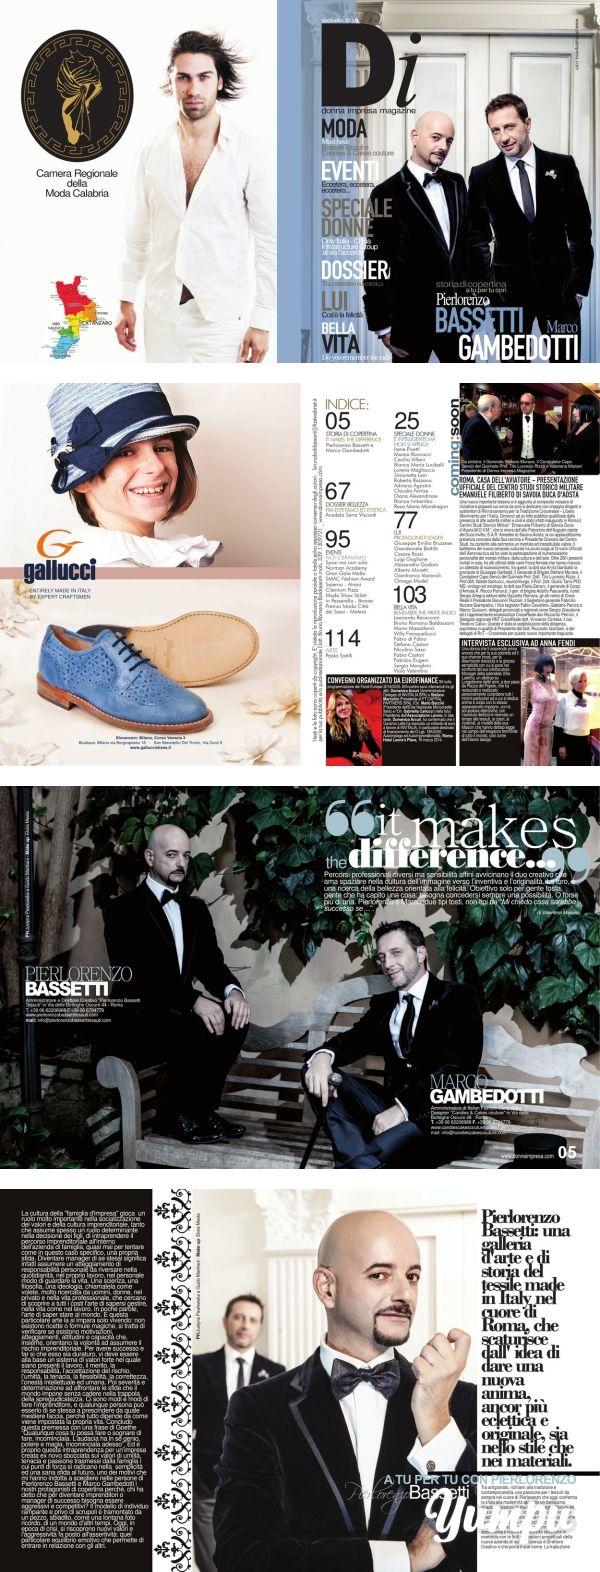 """DONNA IMPRESA MAGAZINE cover Pierlorenzo Bassetti e Marco Gambedotti - Magazine with 58 pages: """"IT MAKES THE DIFFERENCE"""" Percorsi professionali diversi ma sensibilità affini avvicinano il duo creativo che ama spaziare nella cultura dell'immagine verso l'inventiva e l'originalità. La loro, è una ricerca della bellezza orientata alla felicità. Obiettivo solo per gente tosta, gente che ha capito una cosa: bisogna concedersi sempre una possibilità. O forse più di una. Pierlorenzo e Marco, due…"""